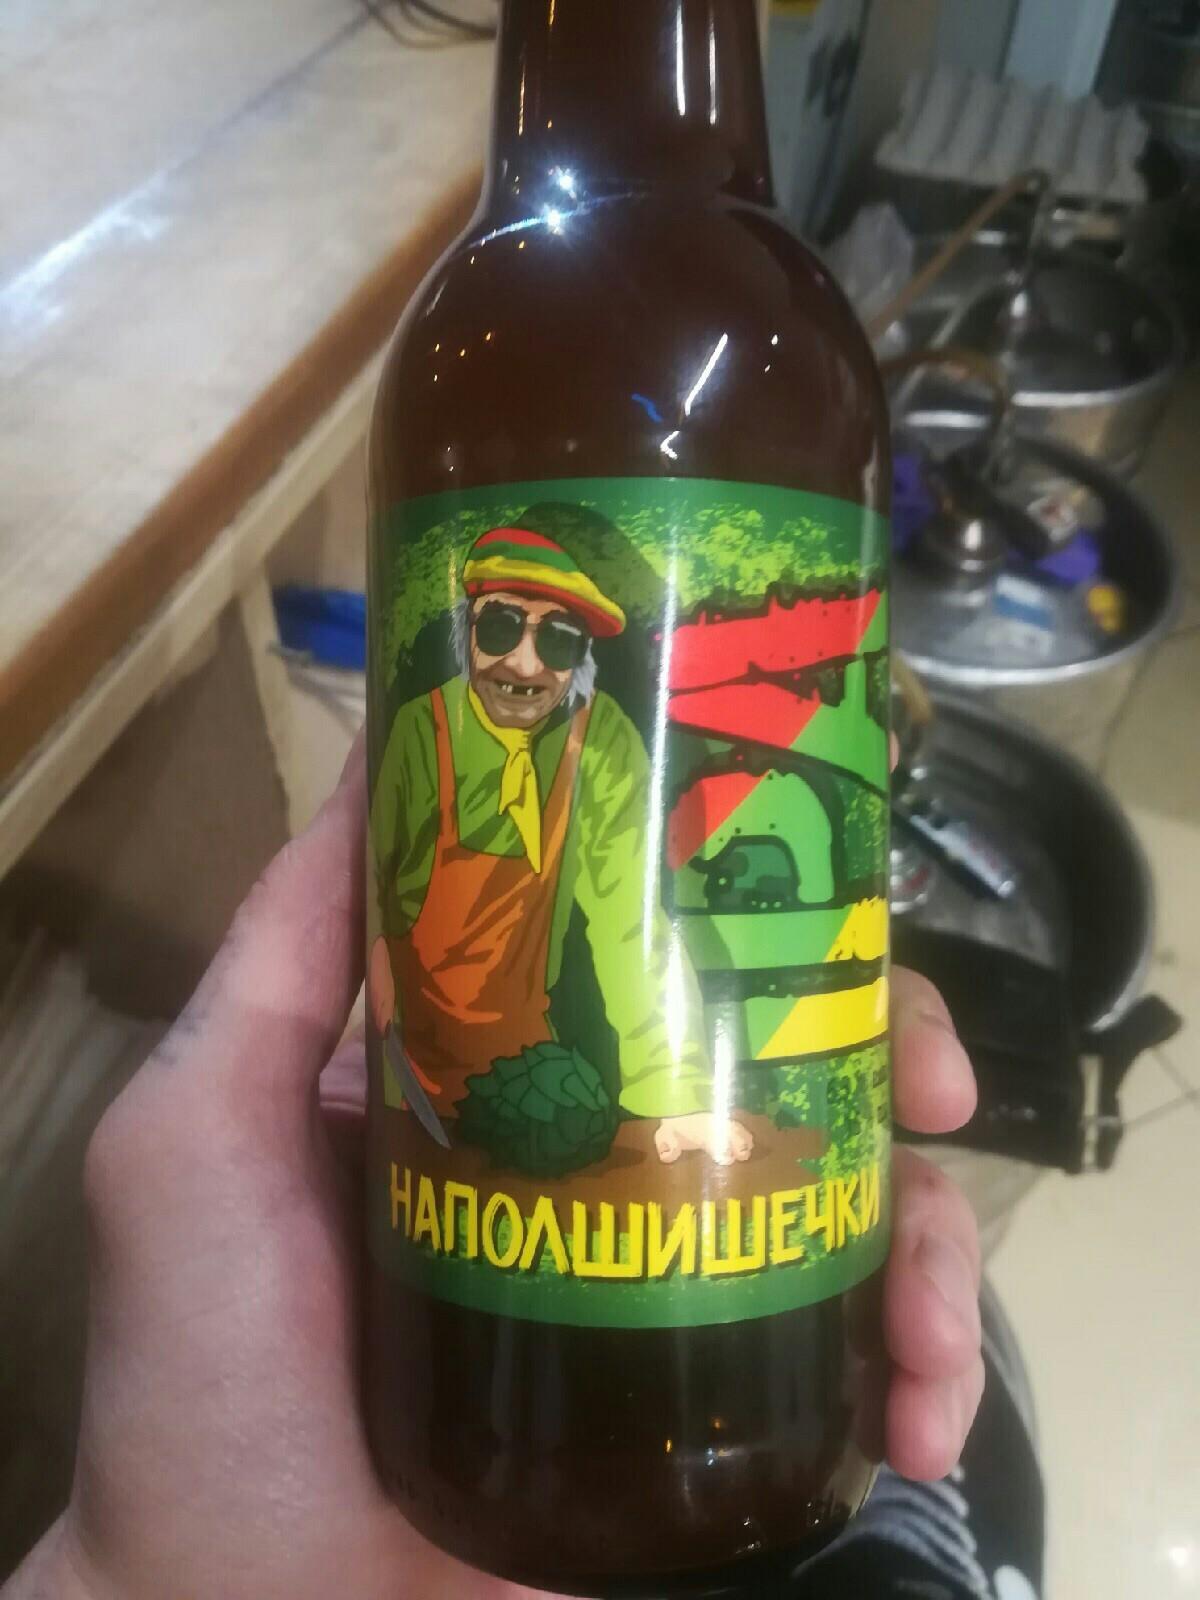 Марихуана и алкоголь совместно гидропонные установки для марихуаны